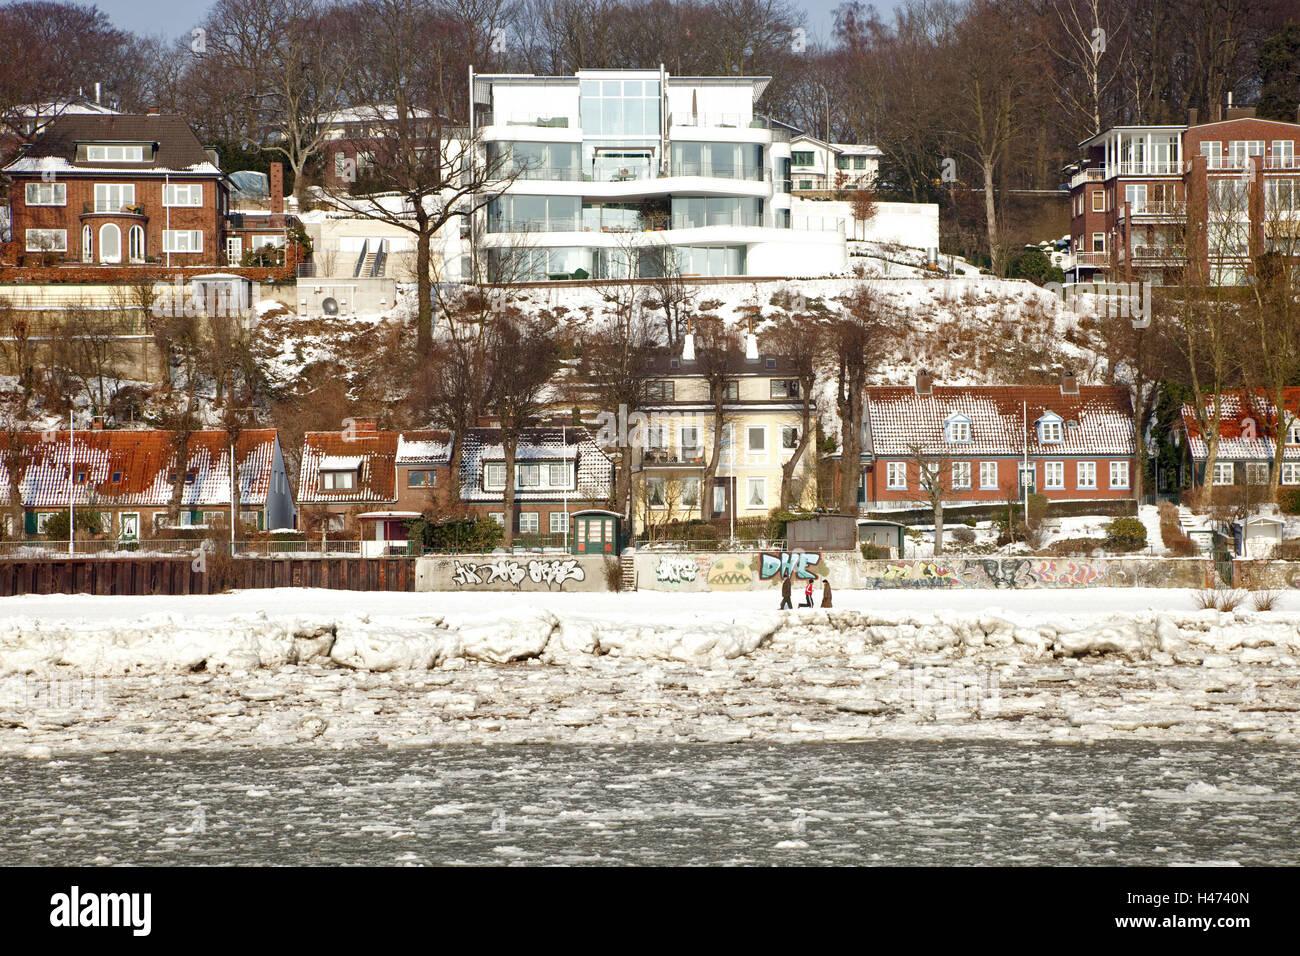 Elbufer, winter, Stock Photo